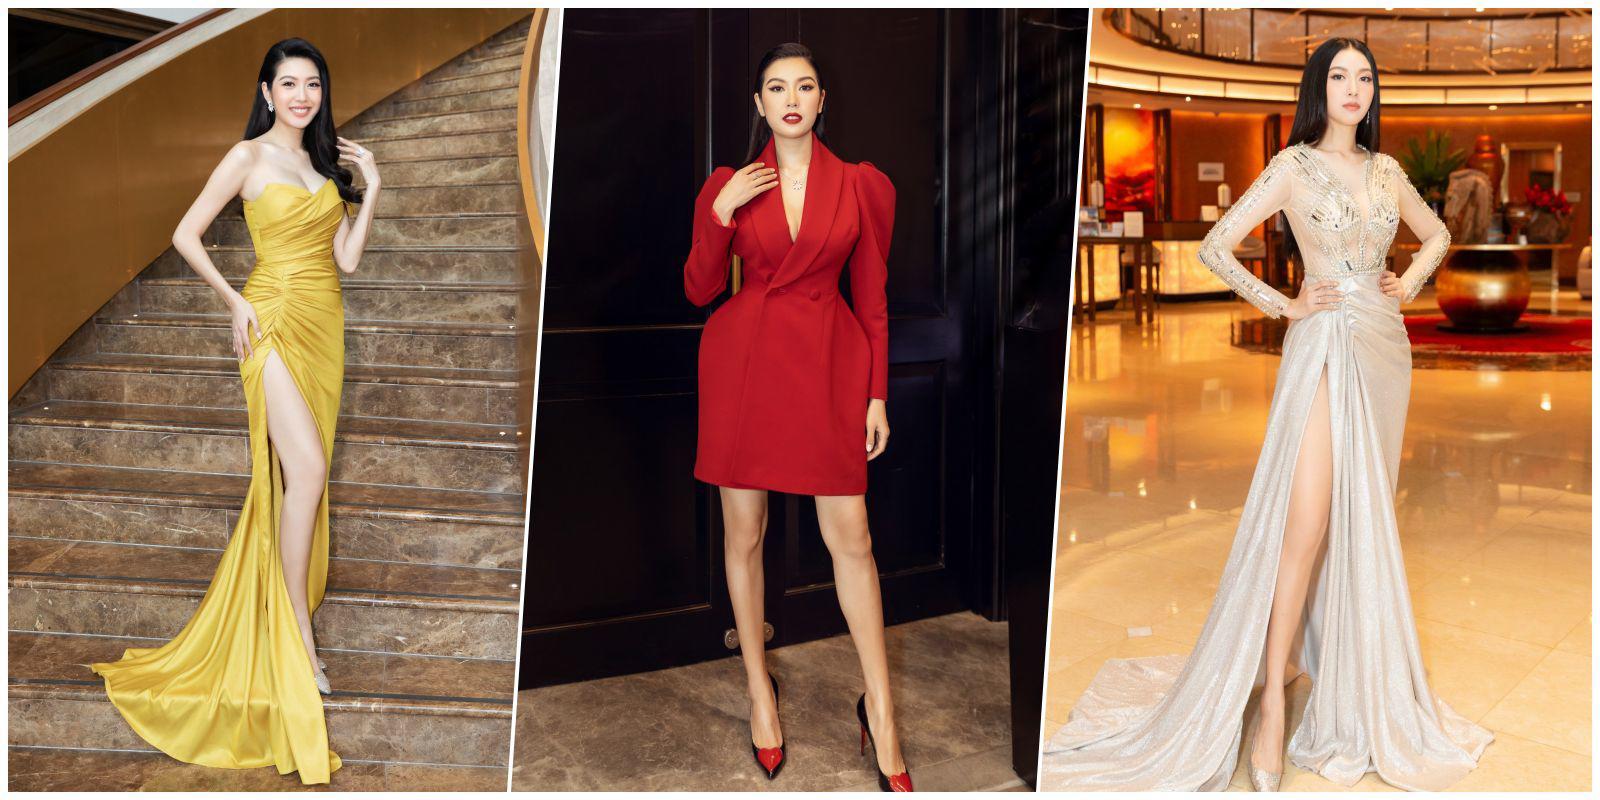 Khi Hoa hậu làm mẹ bỉm: Cất hết váy áo lộng lẫy, ở nhà mặc xoàng xĩnh nhận khó ra - ảnh 11